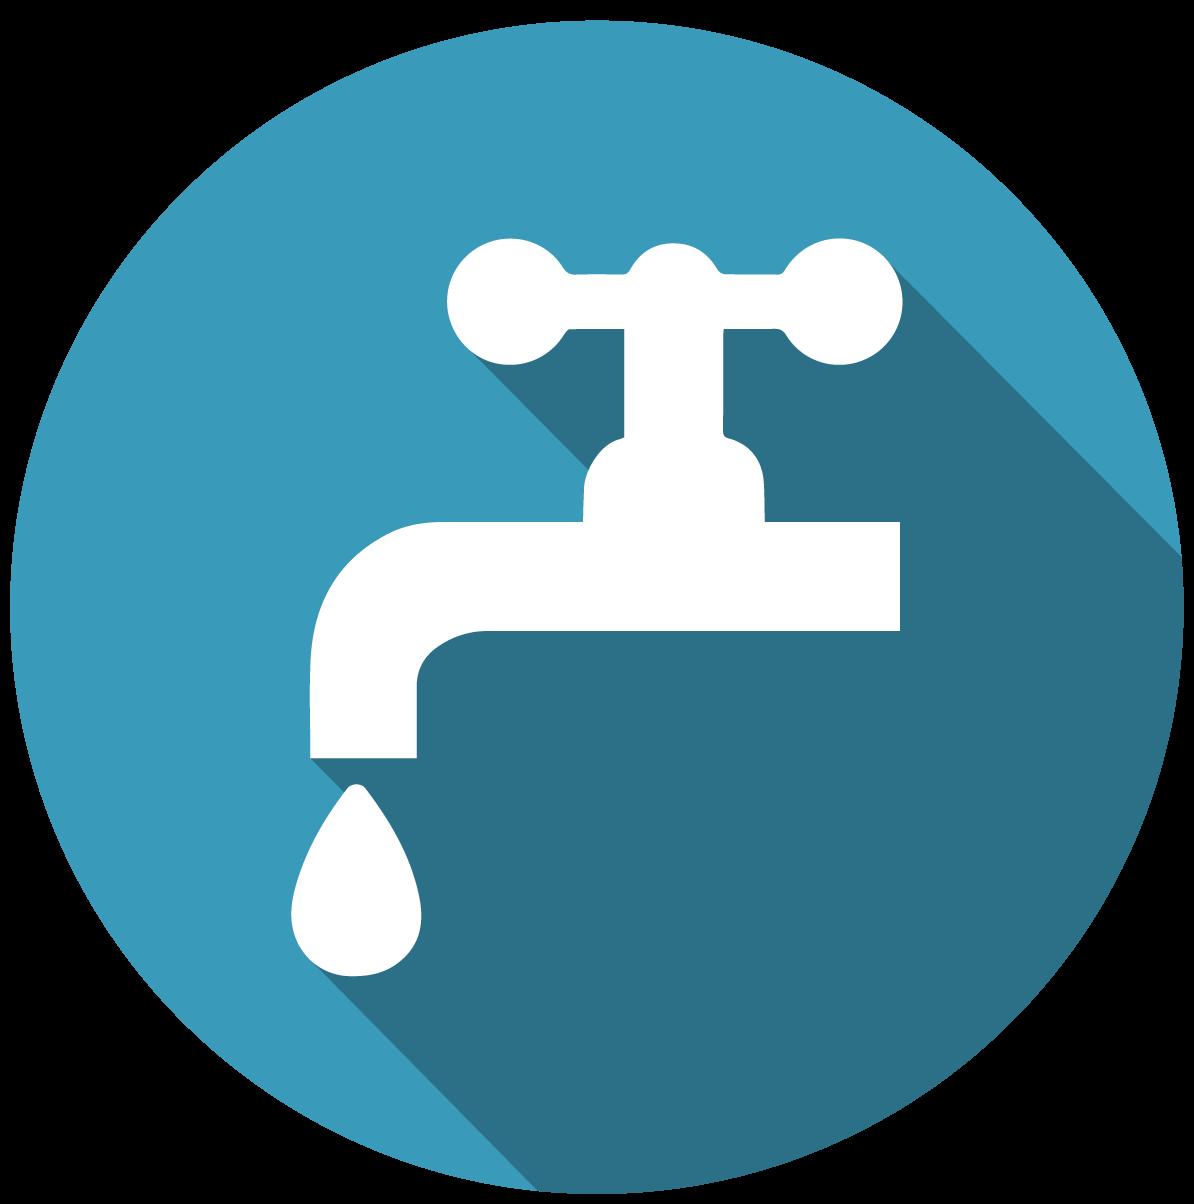 Icono de fontanería